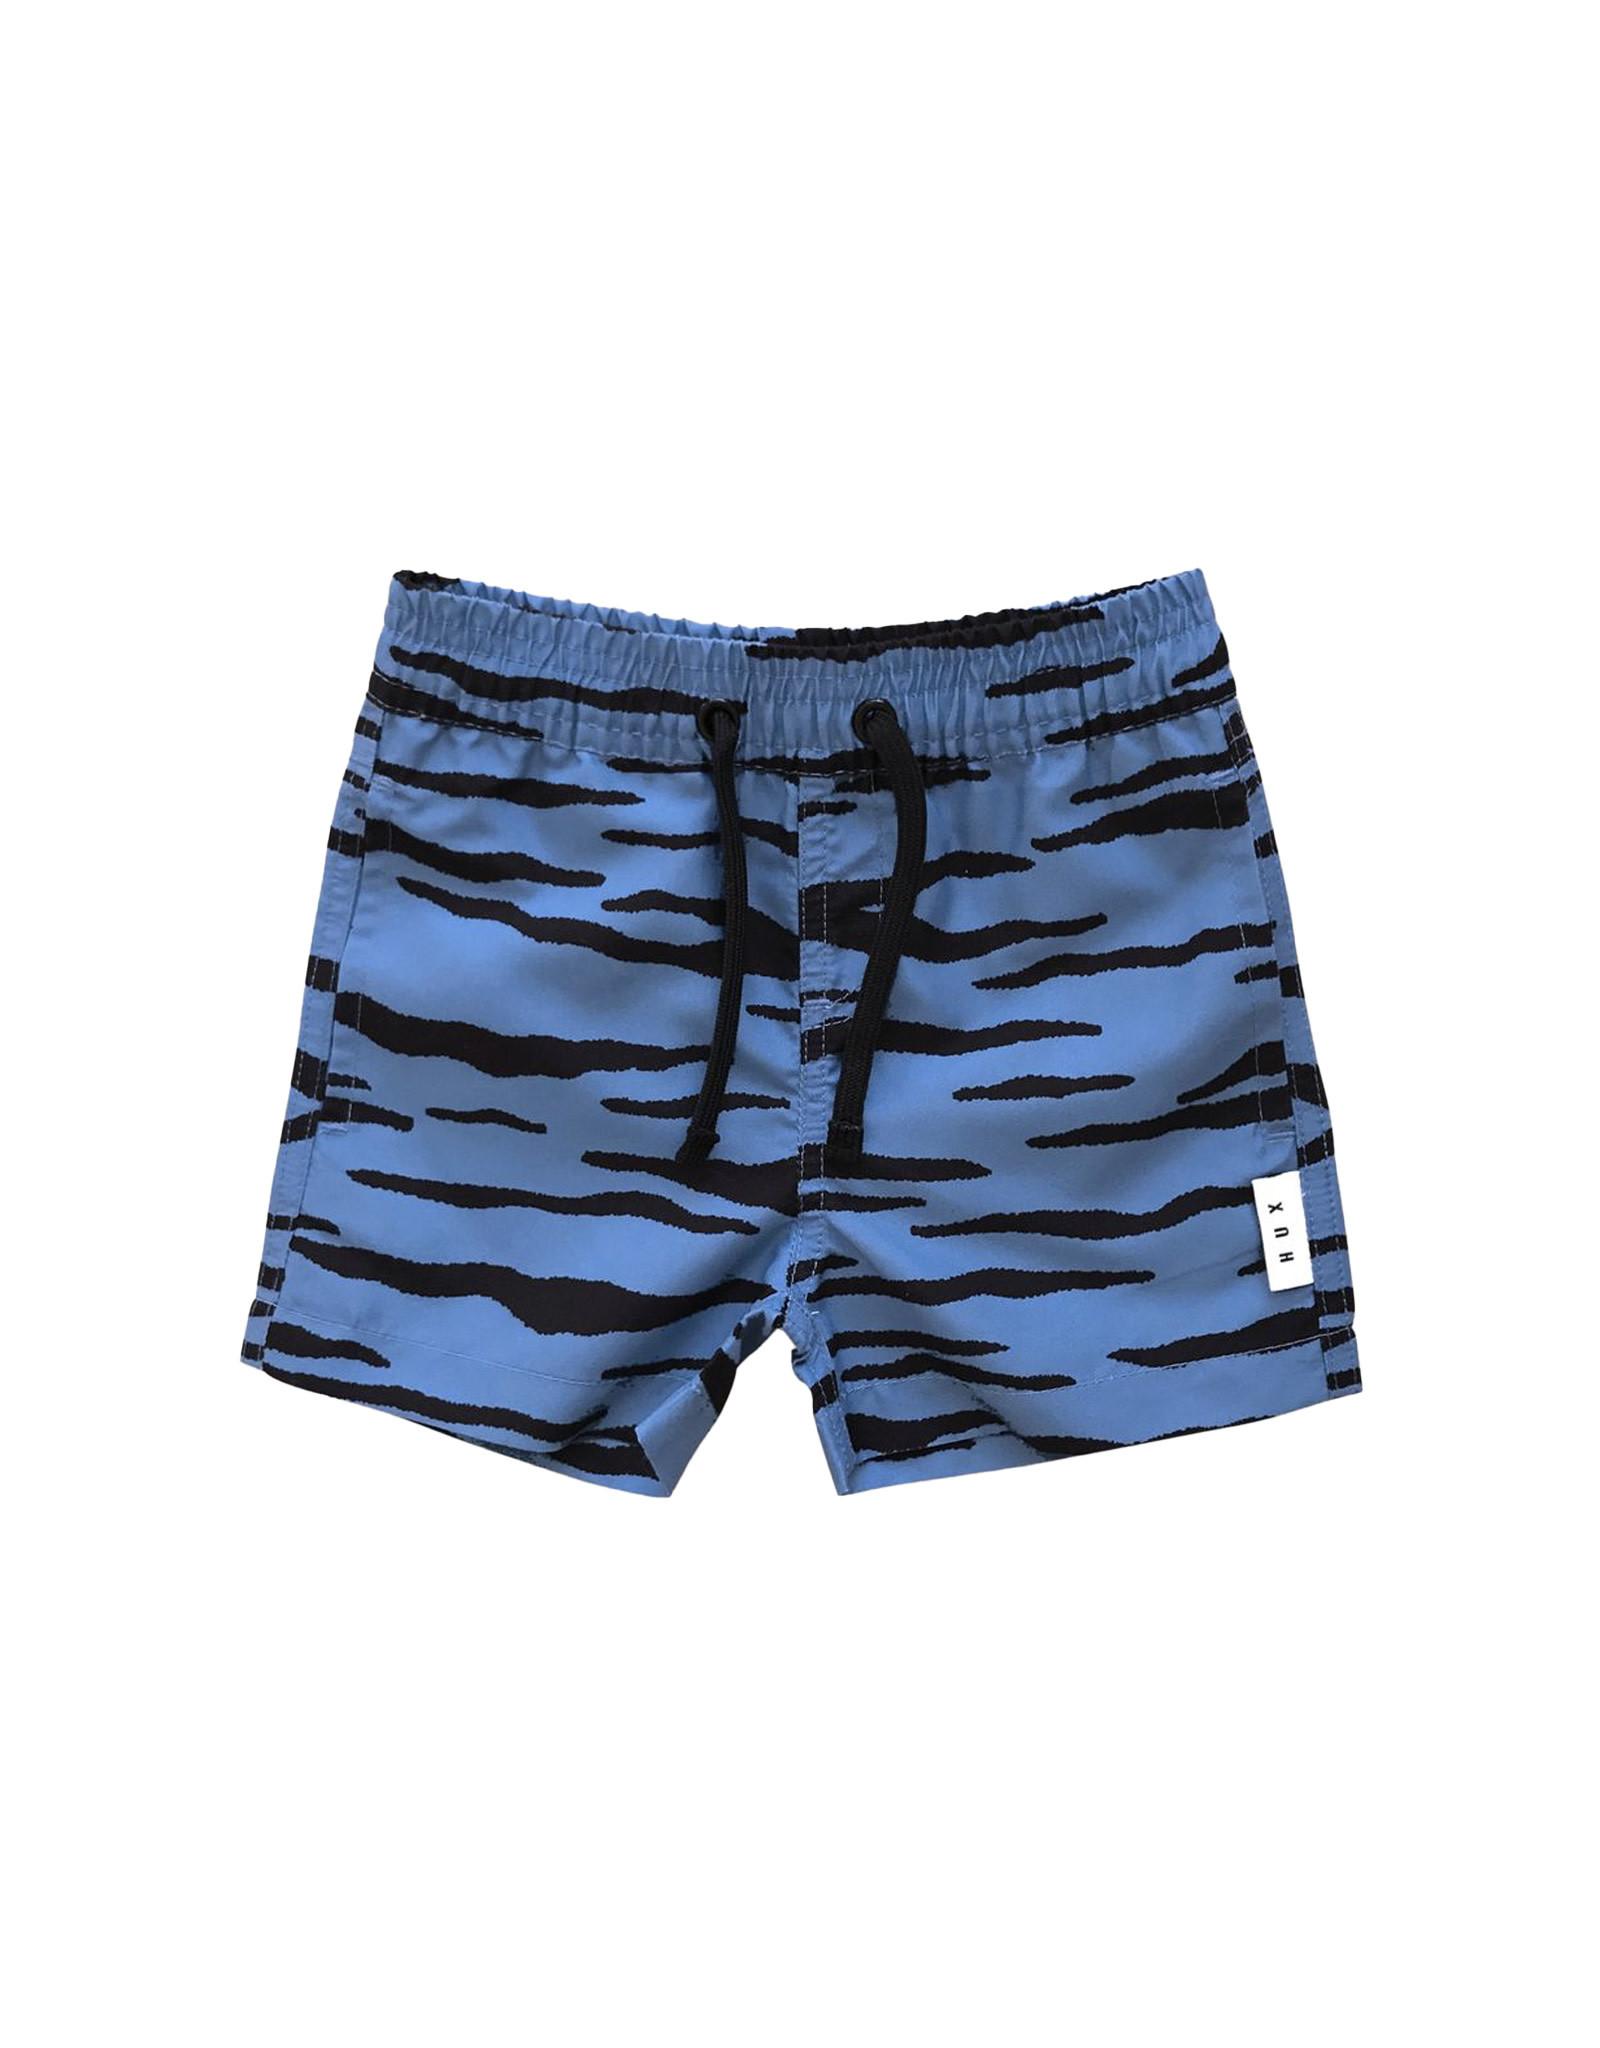 Huxbaby Wildcat Swim Short (Whirlpool)